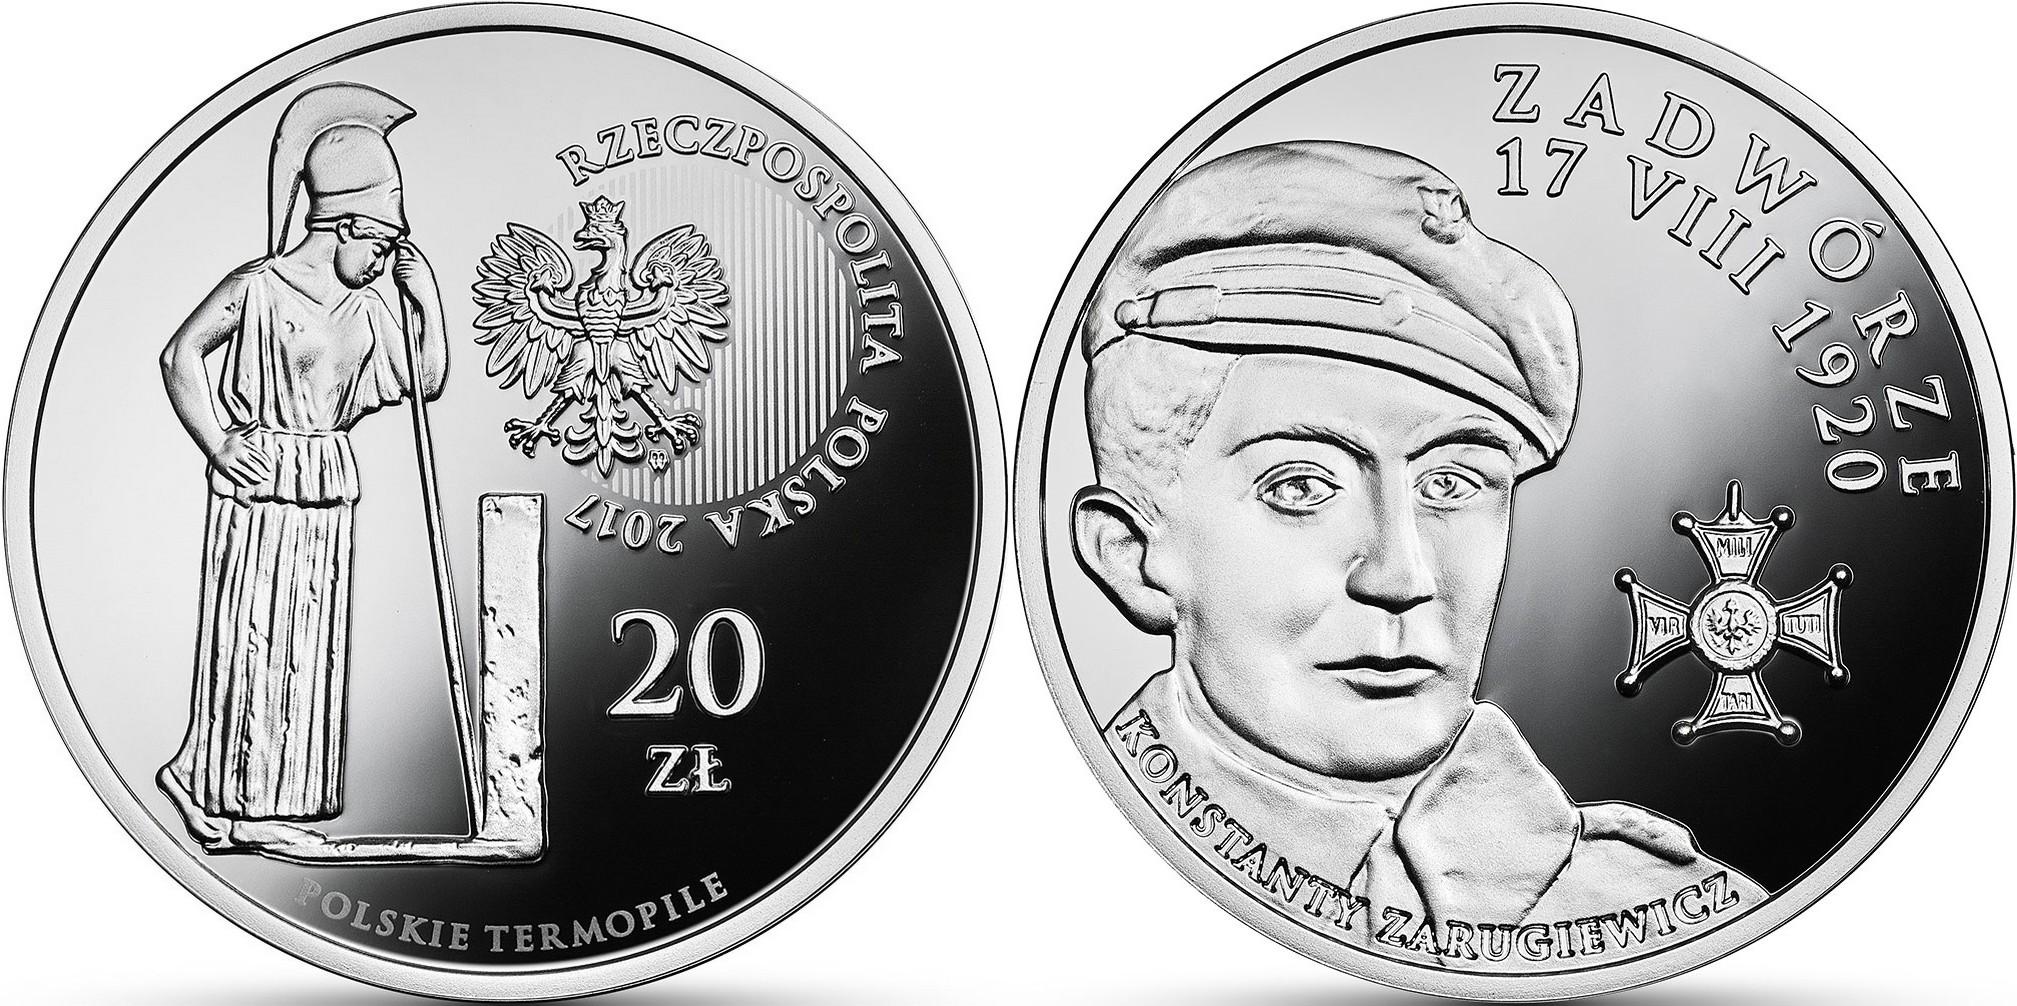 pologne 2017 thermopyle polonais zadworze